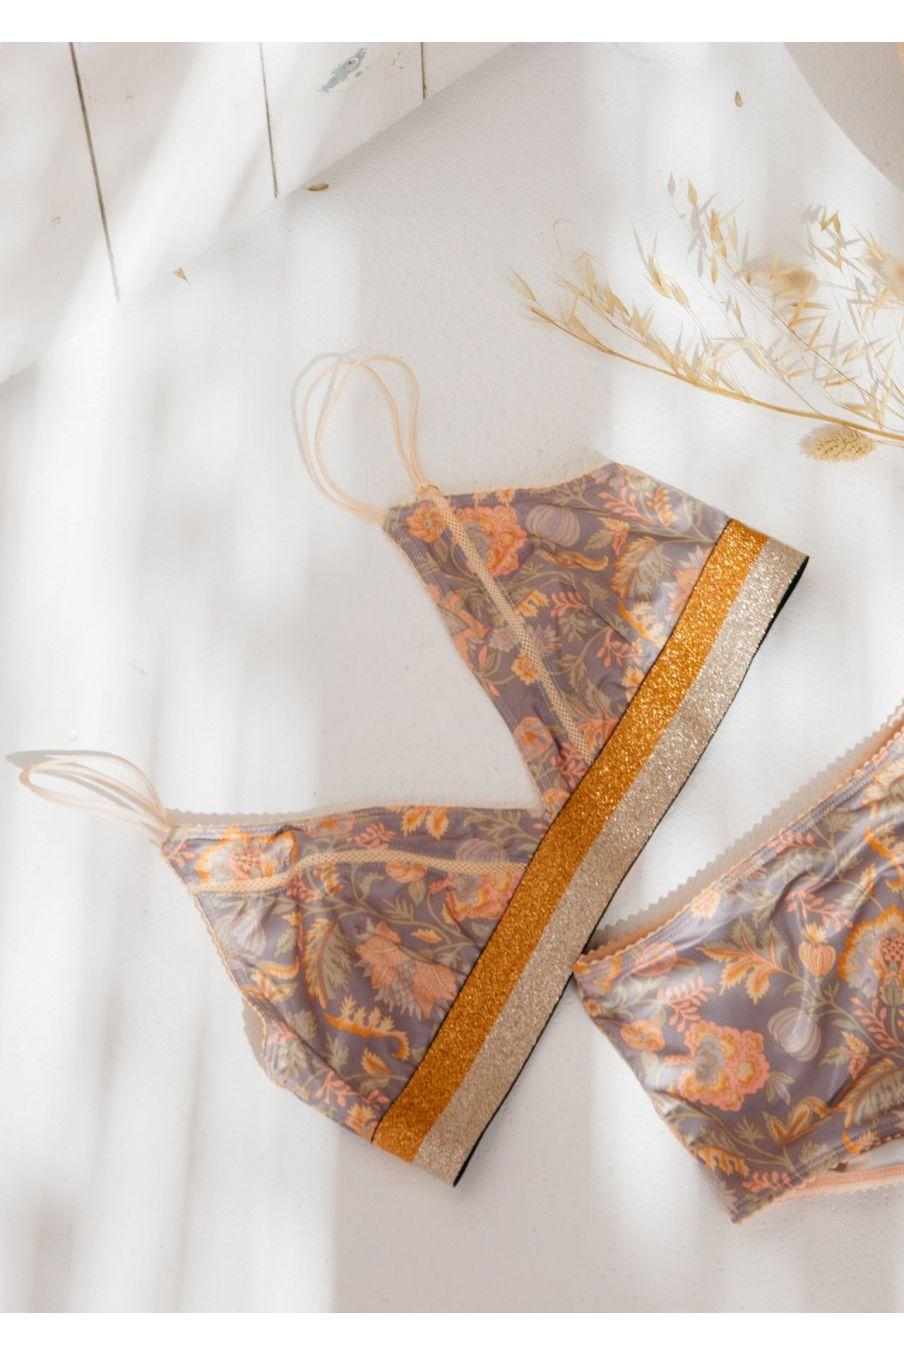 boheme chic vintage soutien-gorge femme shosha grey california flowers